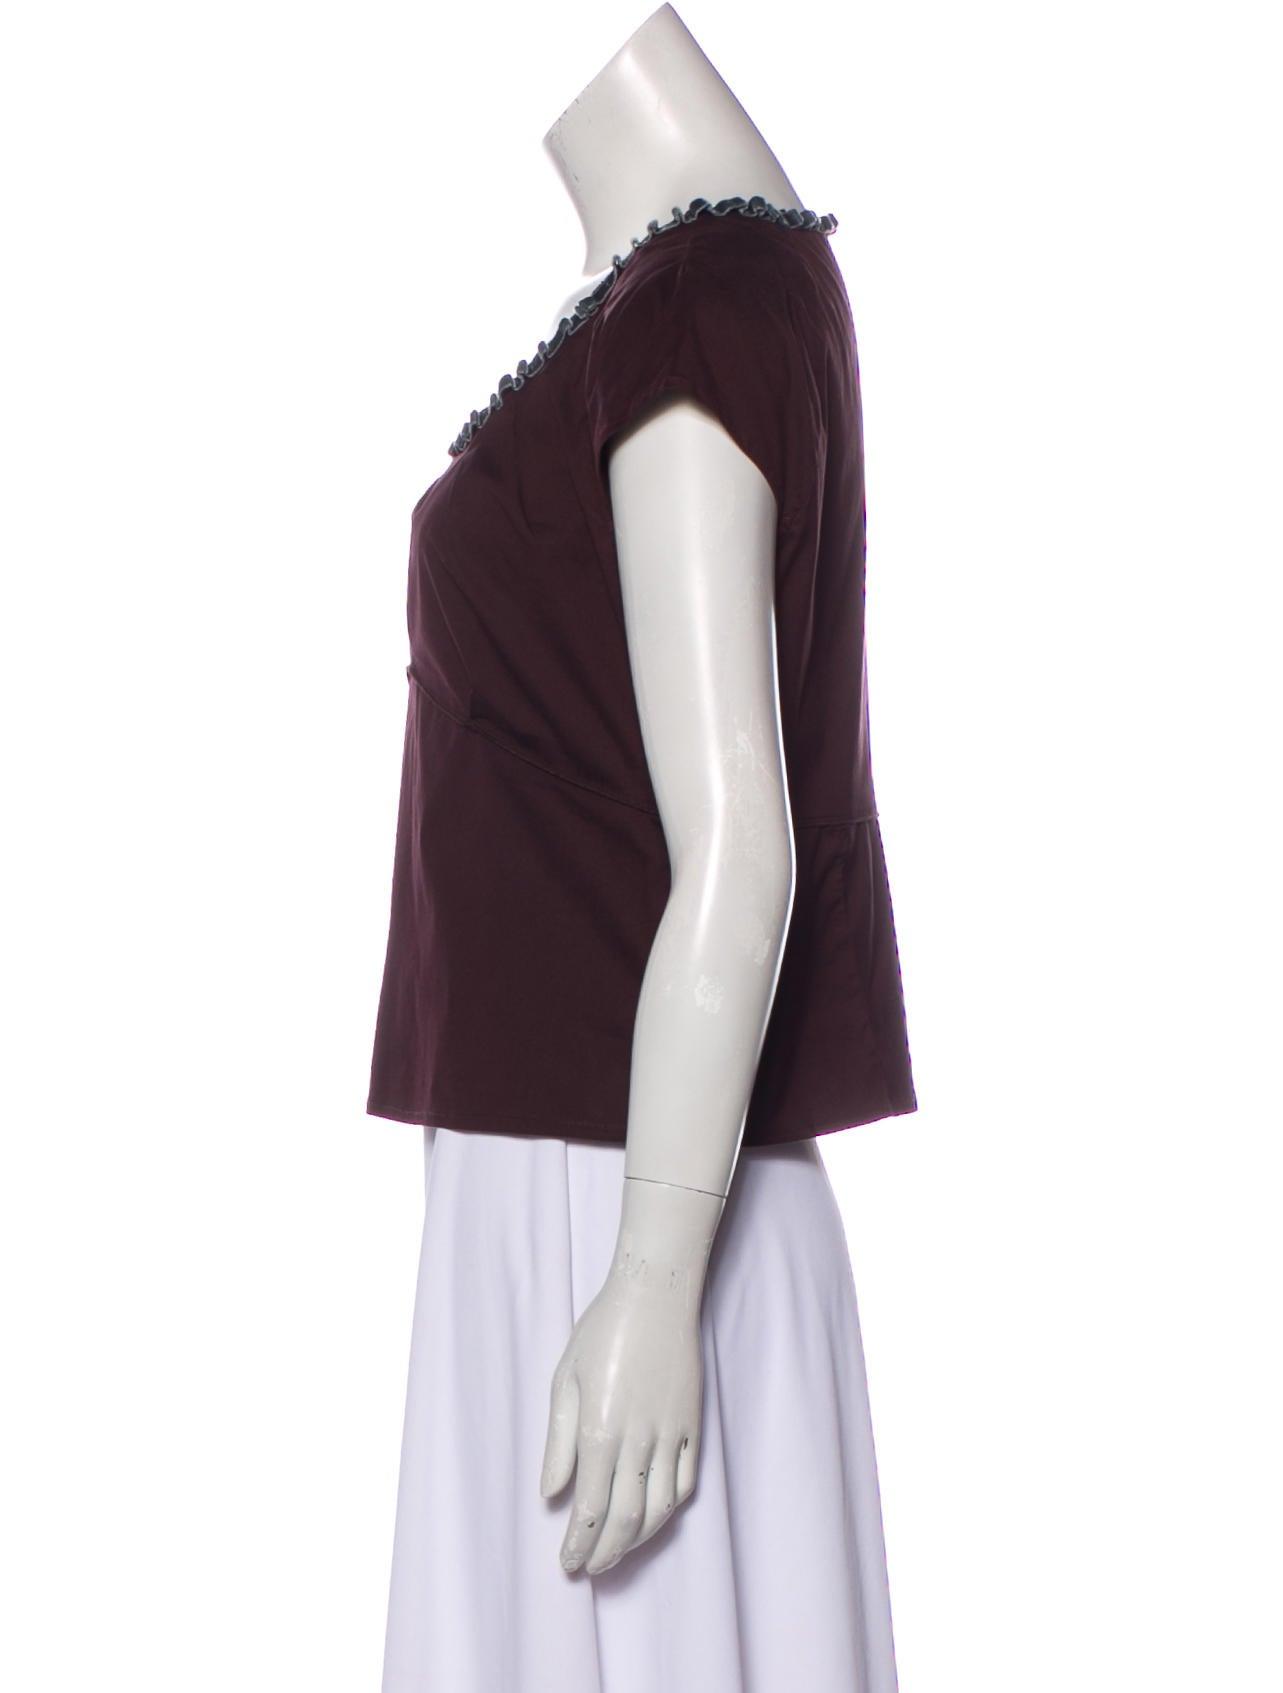 4a09cea02aa Miu Miu Pleated Short Sleeve Blouse - Clothing - MIU68766